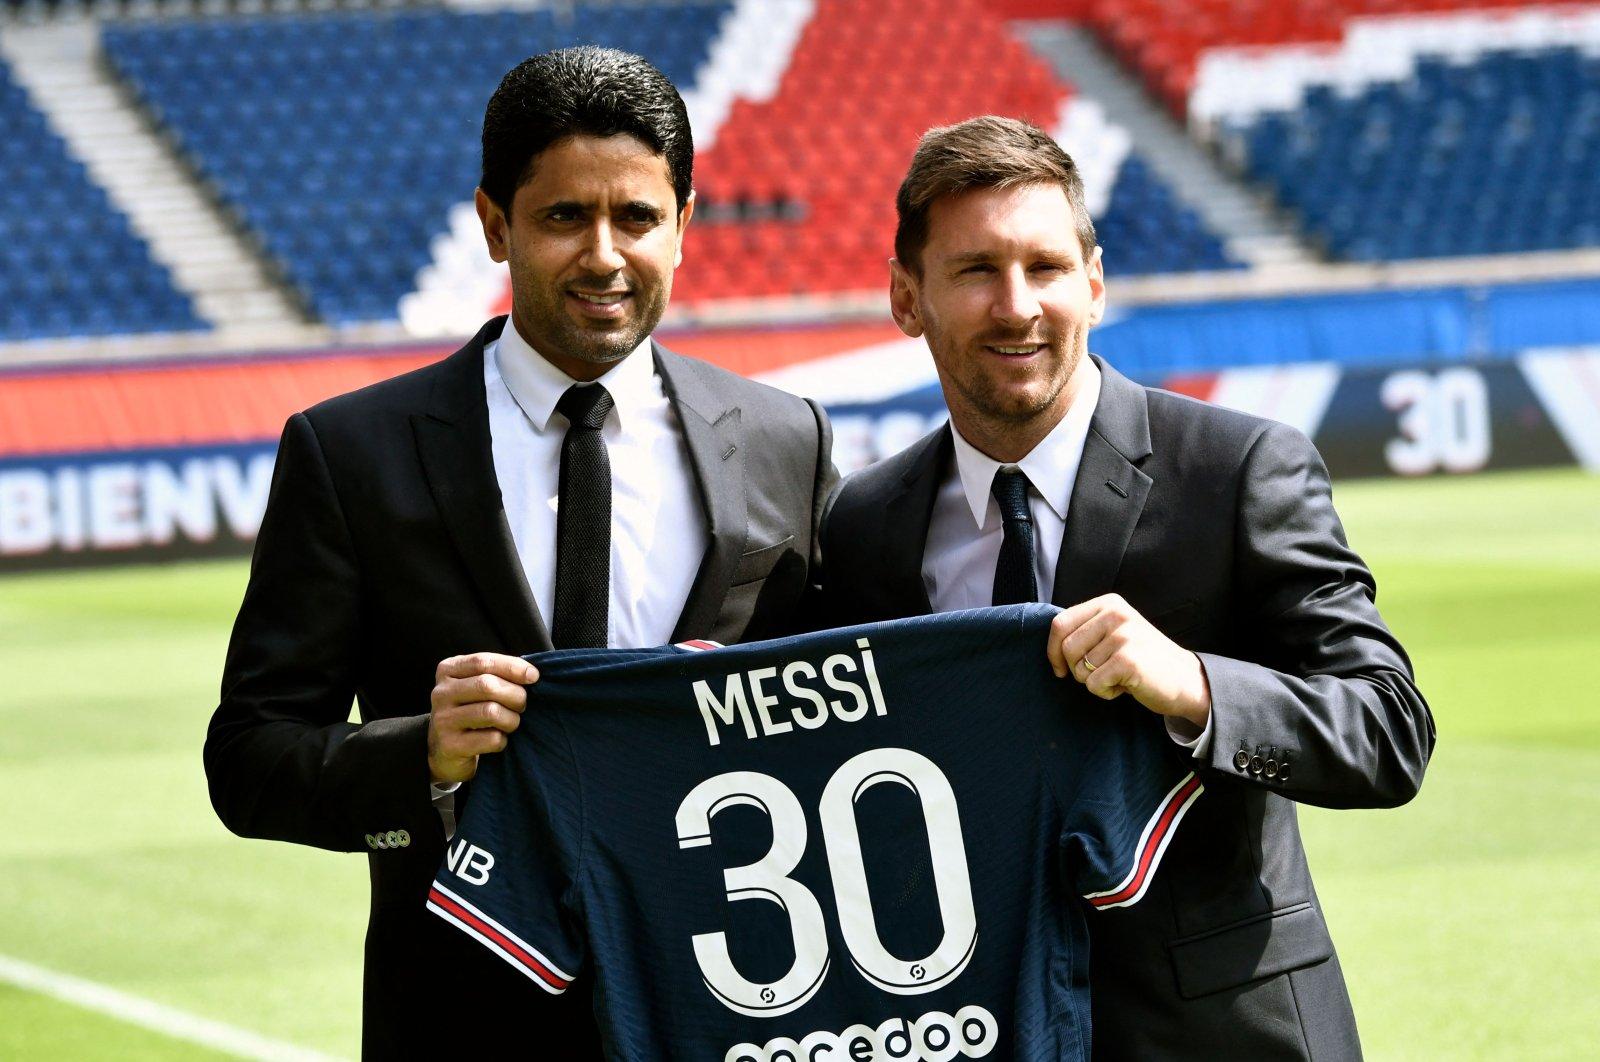 Lionel Messi (R) poses with Paris Saint-Germain President Nasser Al-Khelaifi (L) as he holds up his number 30 shirt during a press conference at Parc des Princes, Paris, France, Aug. 11, 2021. (AFP Photo)